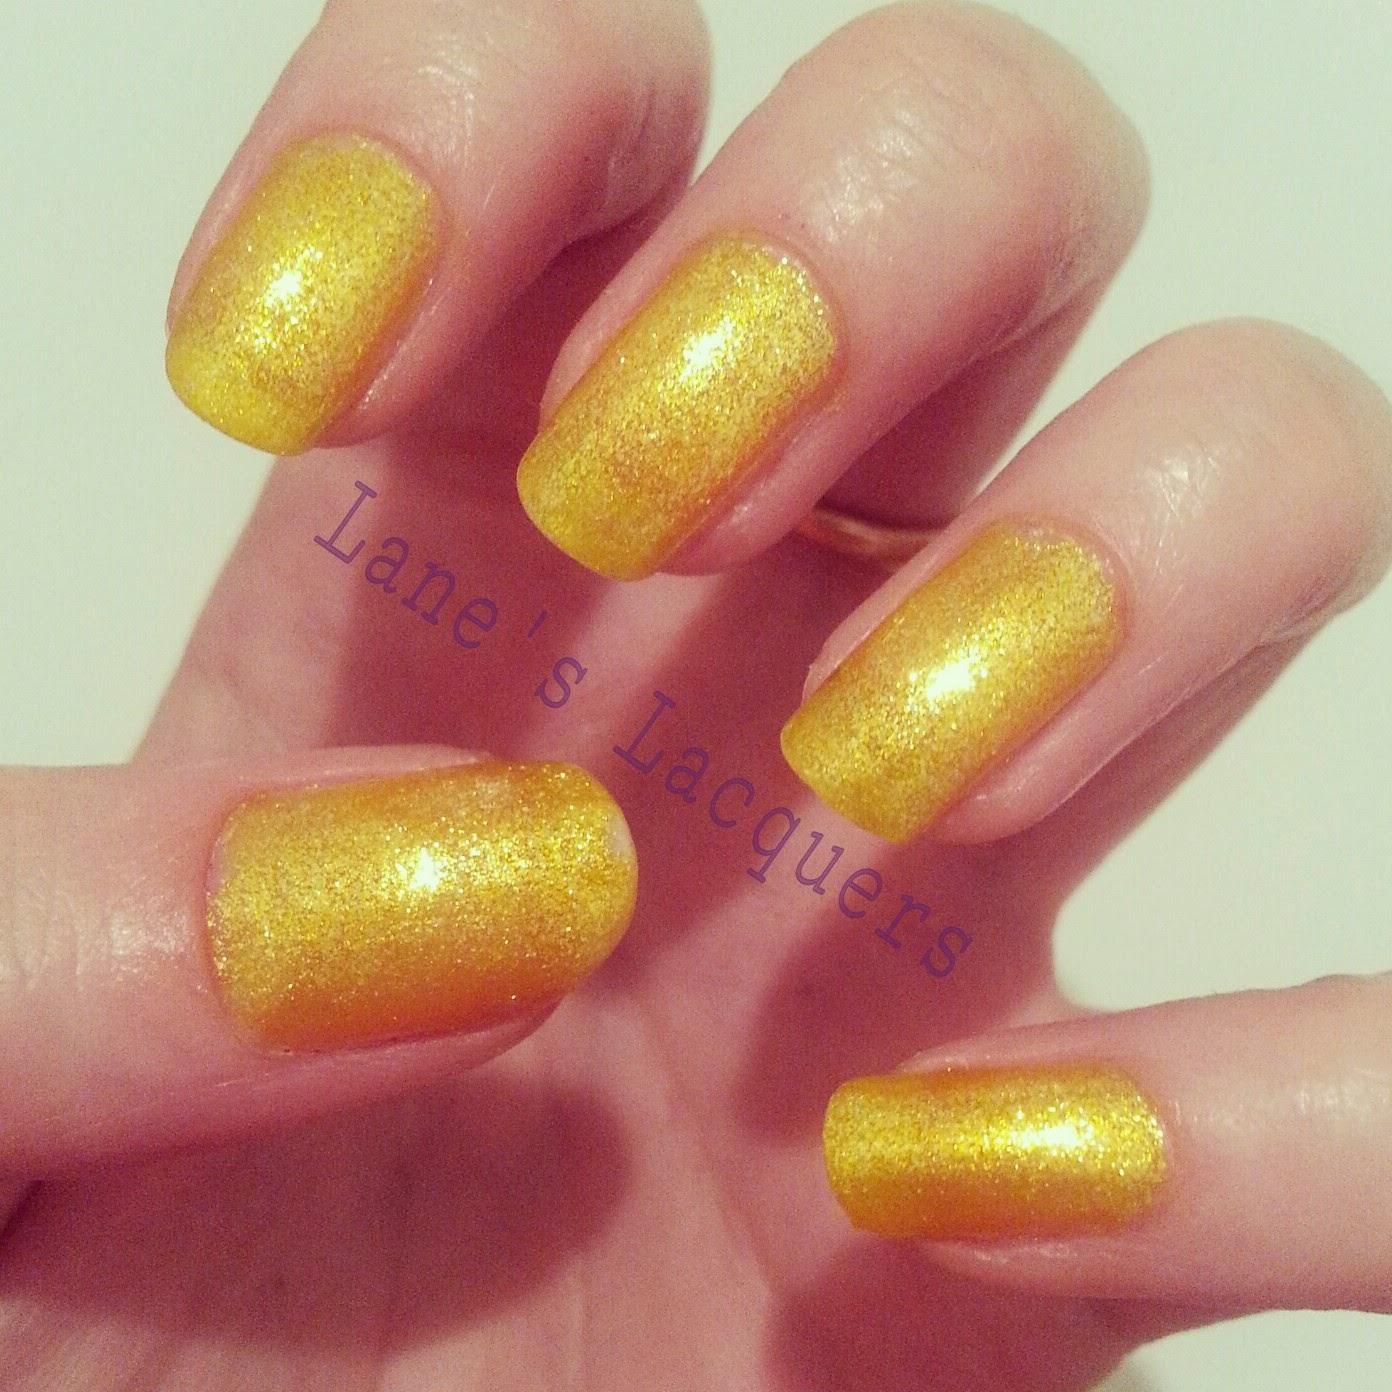 moyra-uk-no-802-swatch-manicure